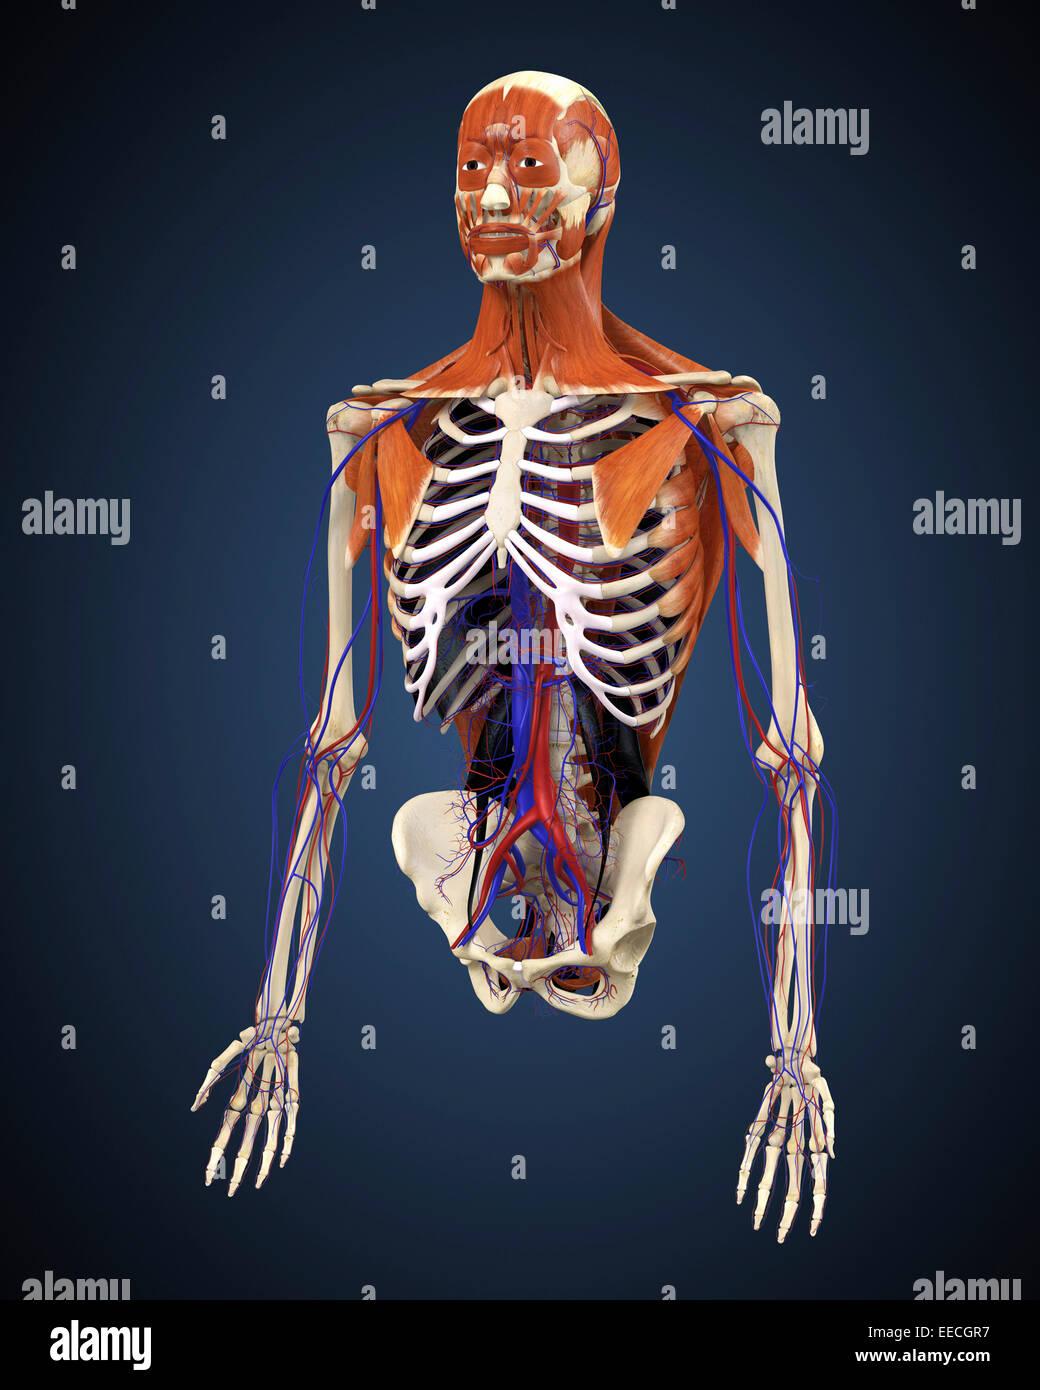 Haut du corps humain montrant les os, les muscles et le système circulatoire. Photo Stock